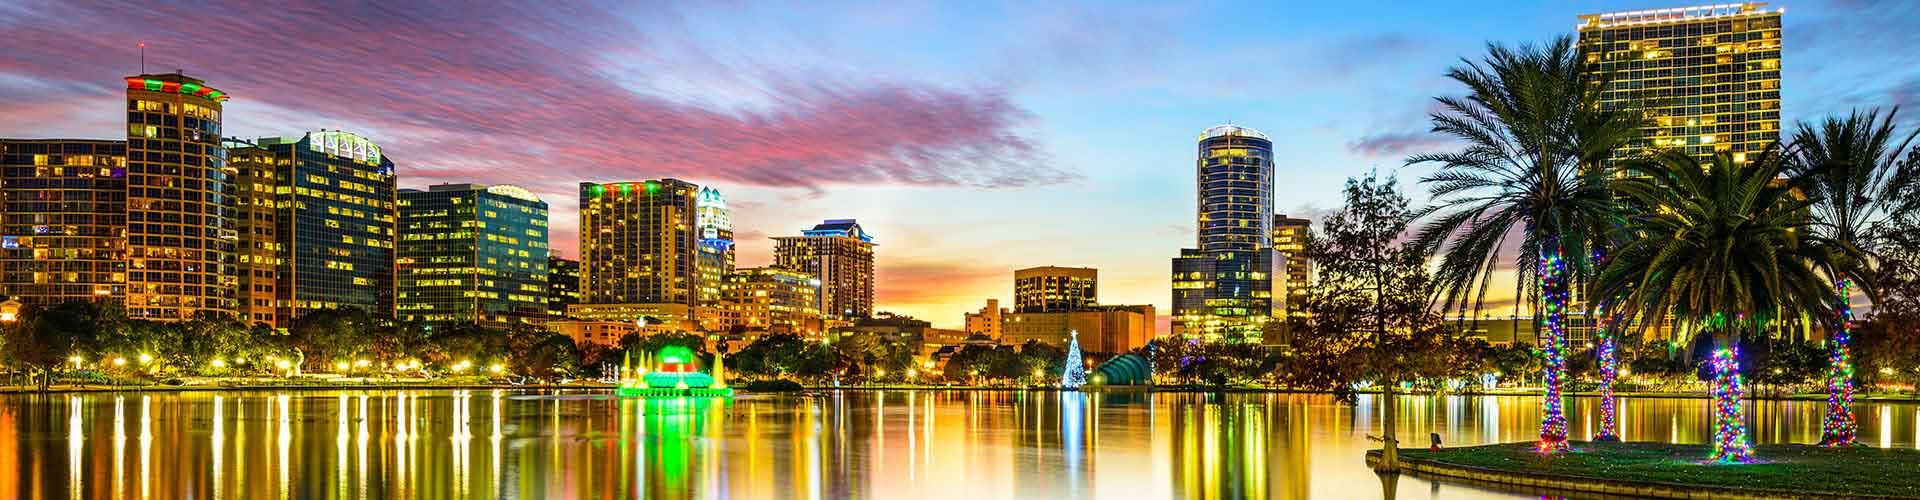 Orlando - Hôtels dans le quartier de Walt Disney World. Cartes pour Orlando, photos et commentaires pour chaque hôtel à Orlando.